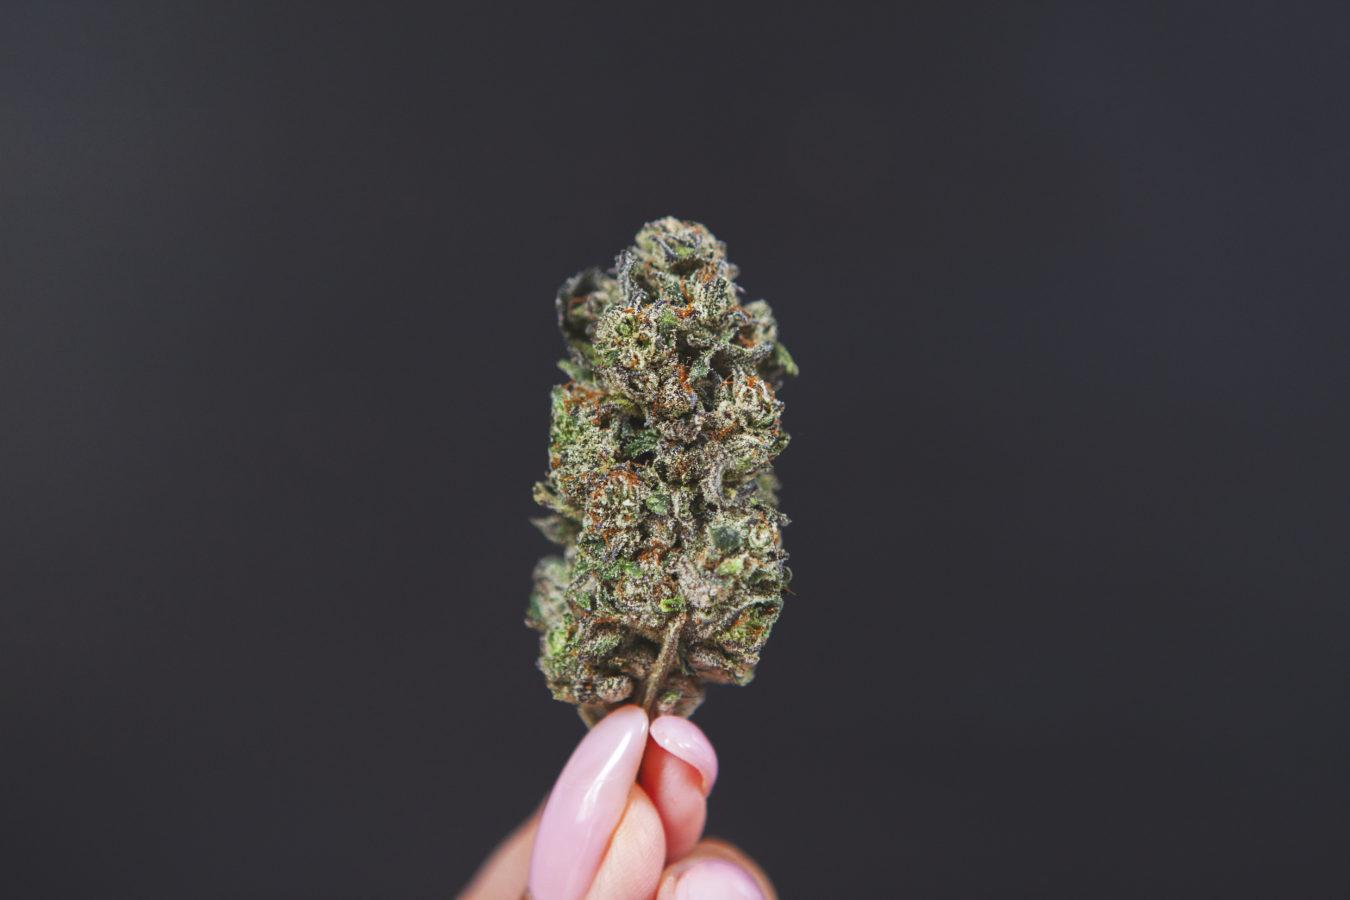 Gelato Cannabis Strain Review